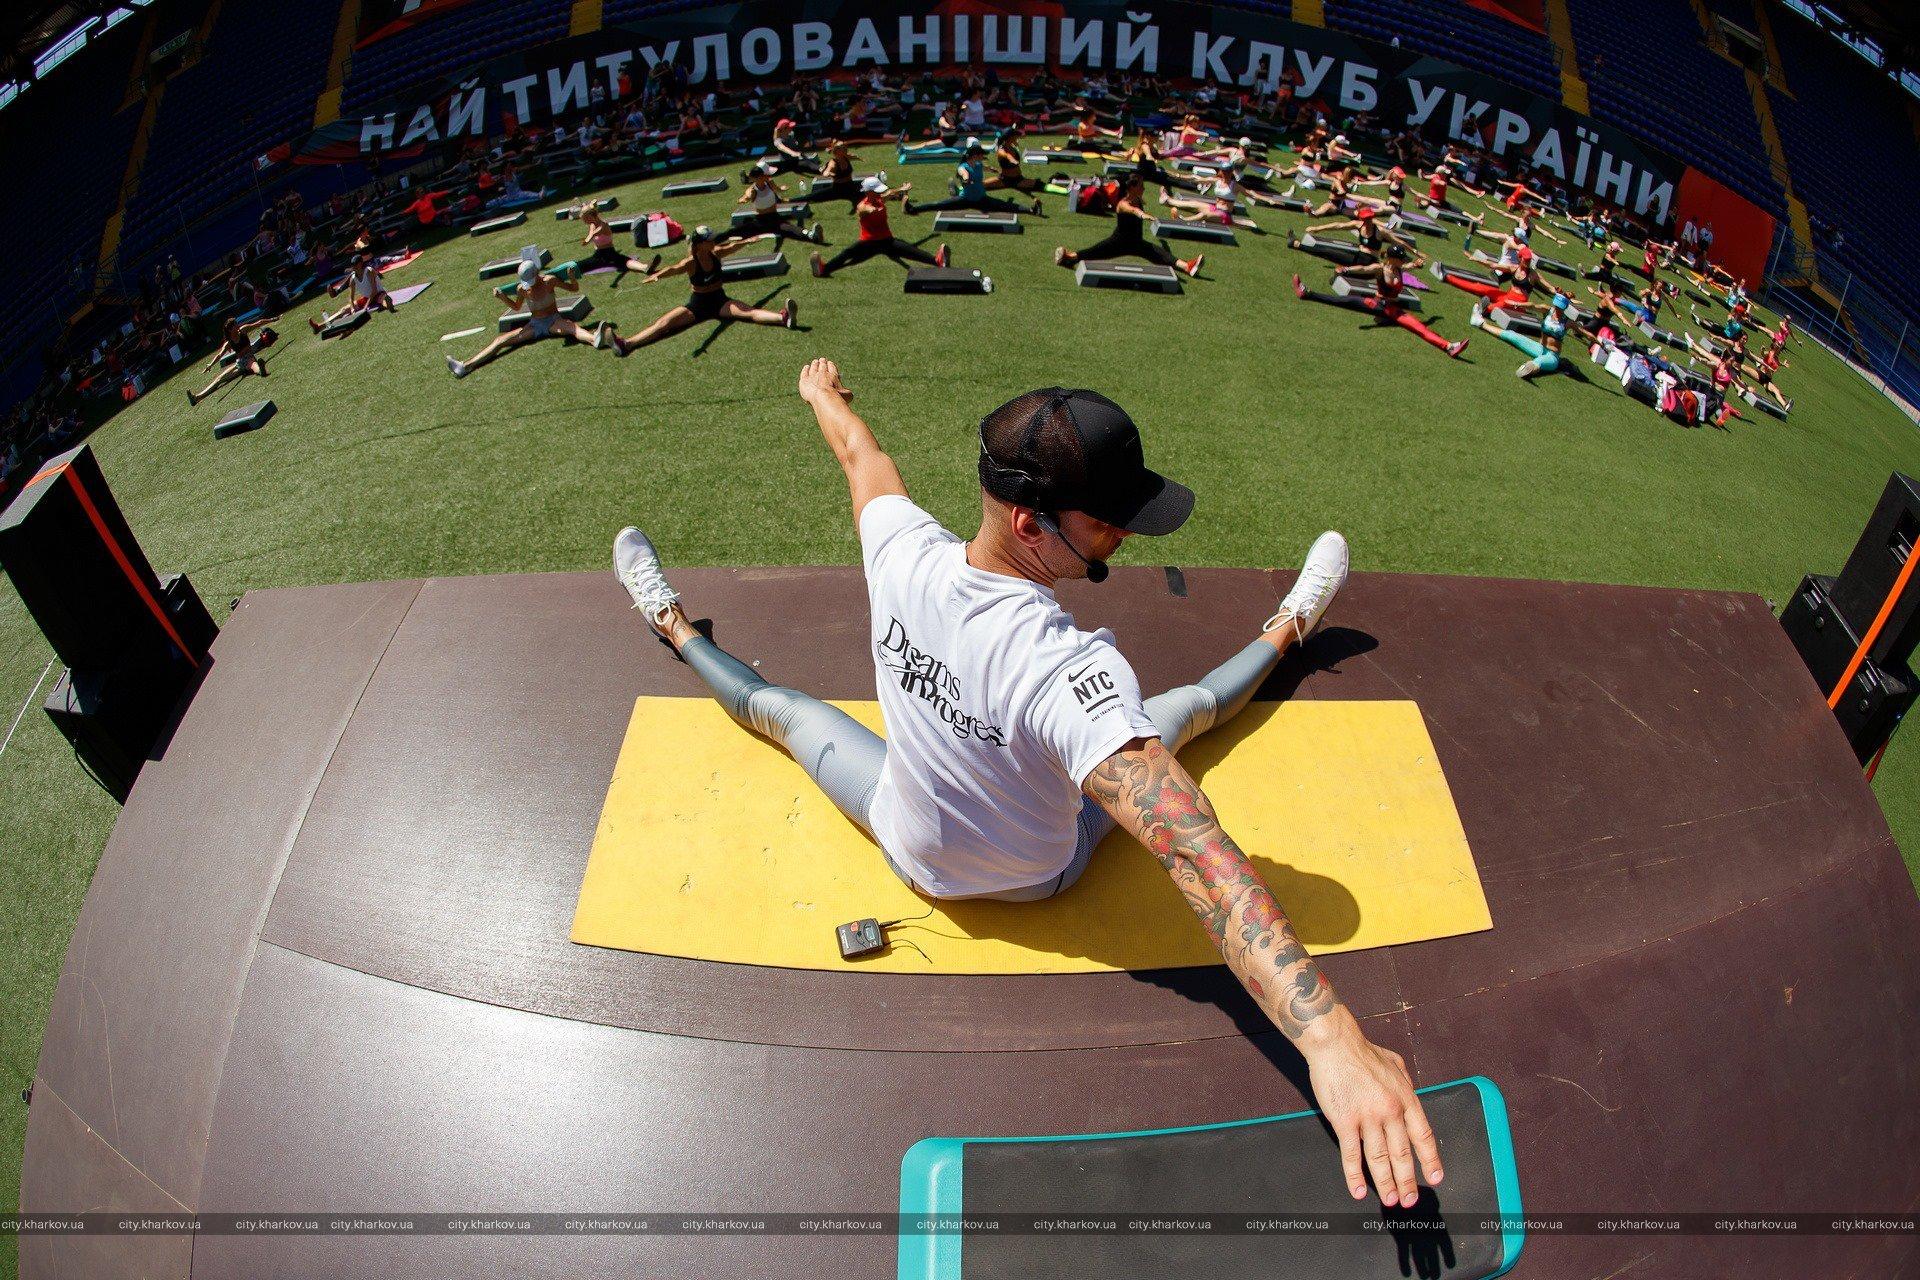 В Харькове прошли соревнования по берпи (фото)